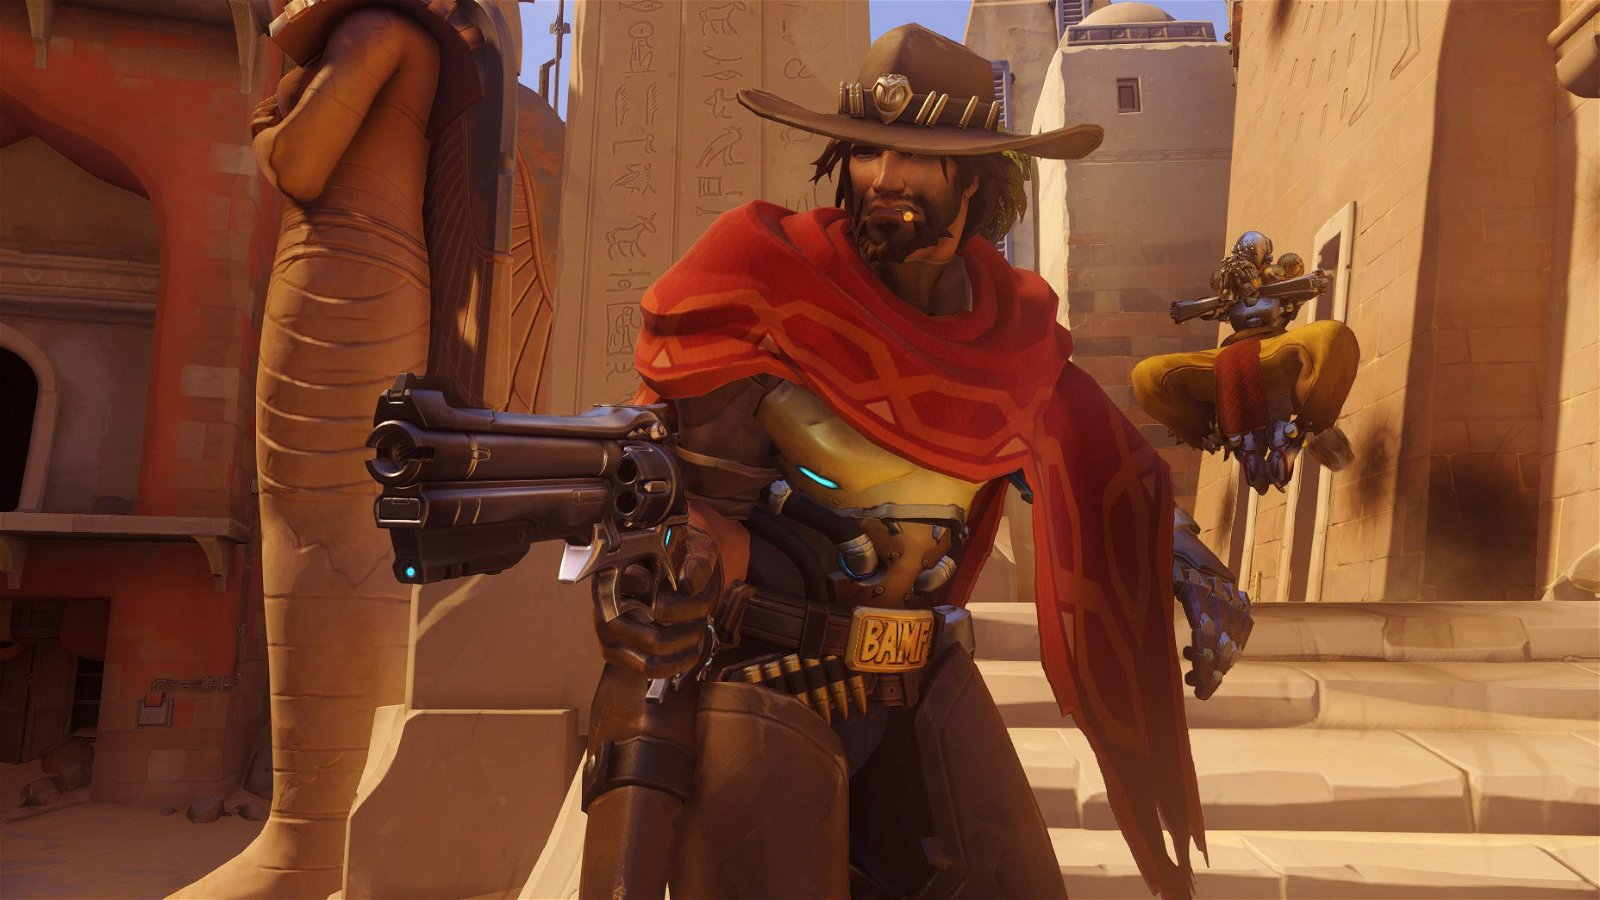 Overwatch: Un fan del juego crea este impresionante cosplay de McCree